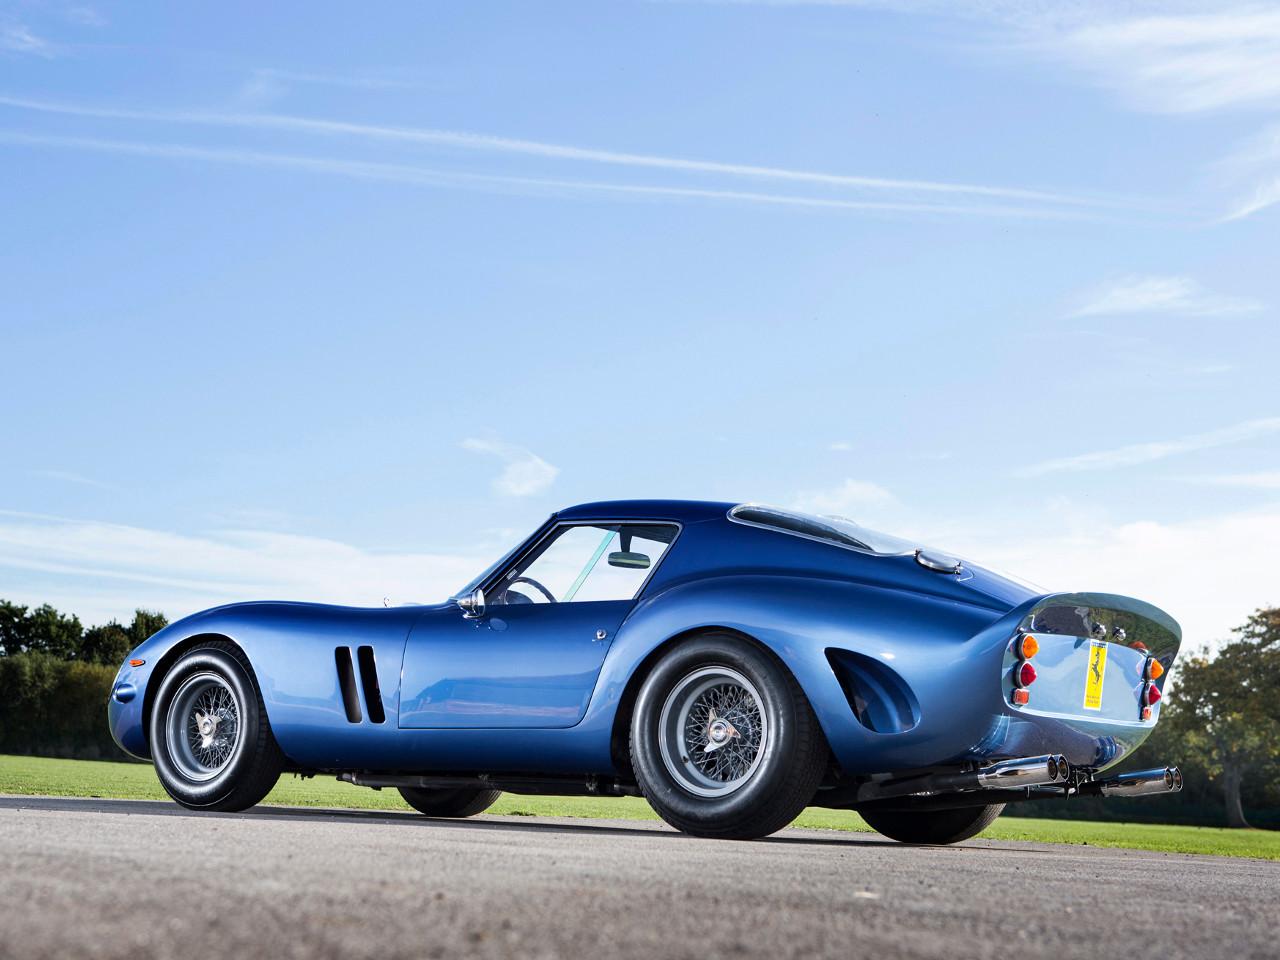 Das teuerste Auto der Welt - Ferrari 250 GTO